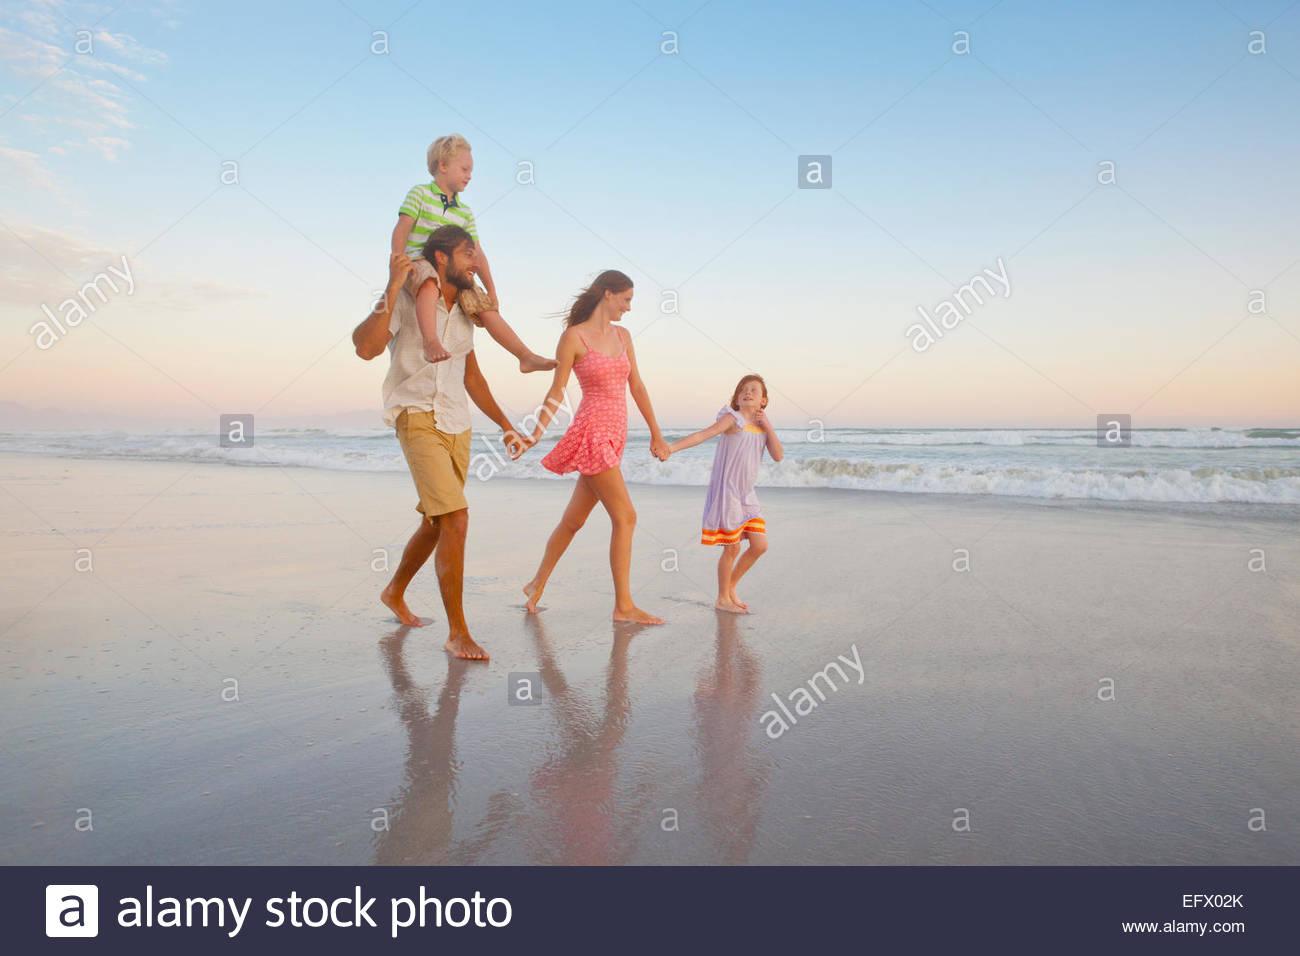 Glückliche Familie Wandern, halten Hände und Sohn mit Piggy-Backs, am sonnigen Strand Stockbild